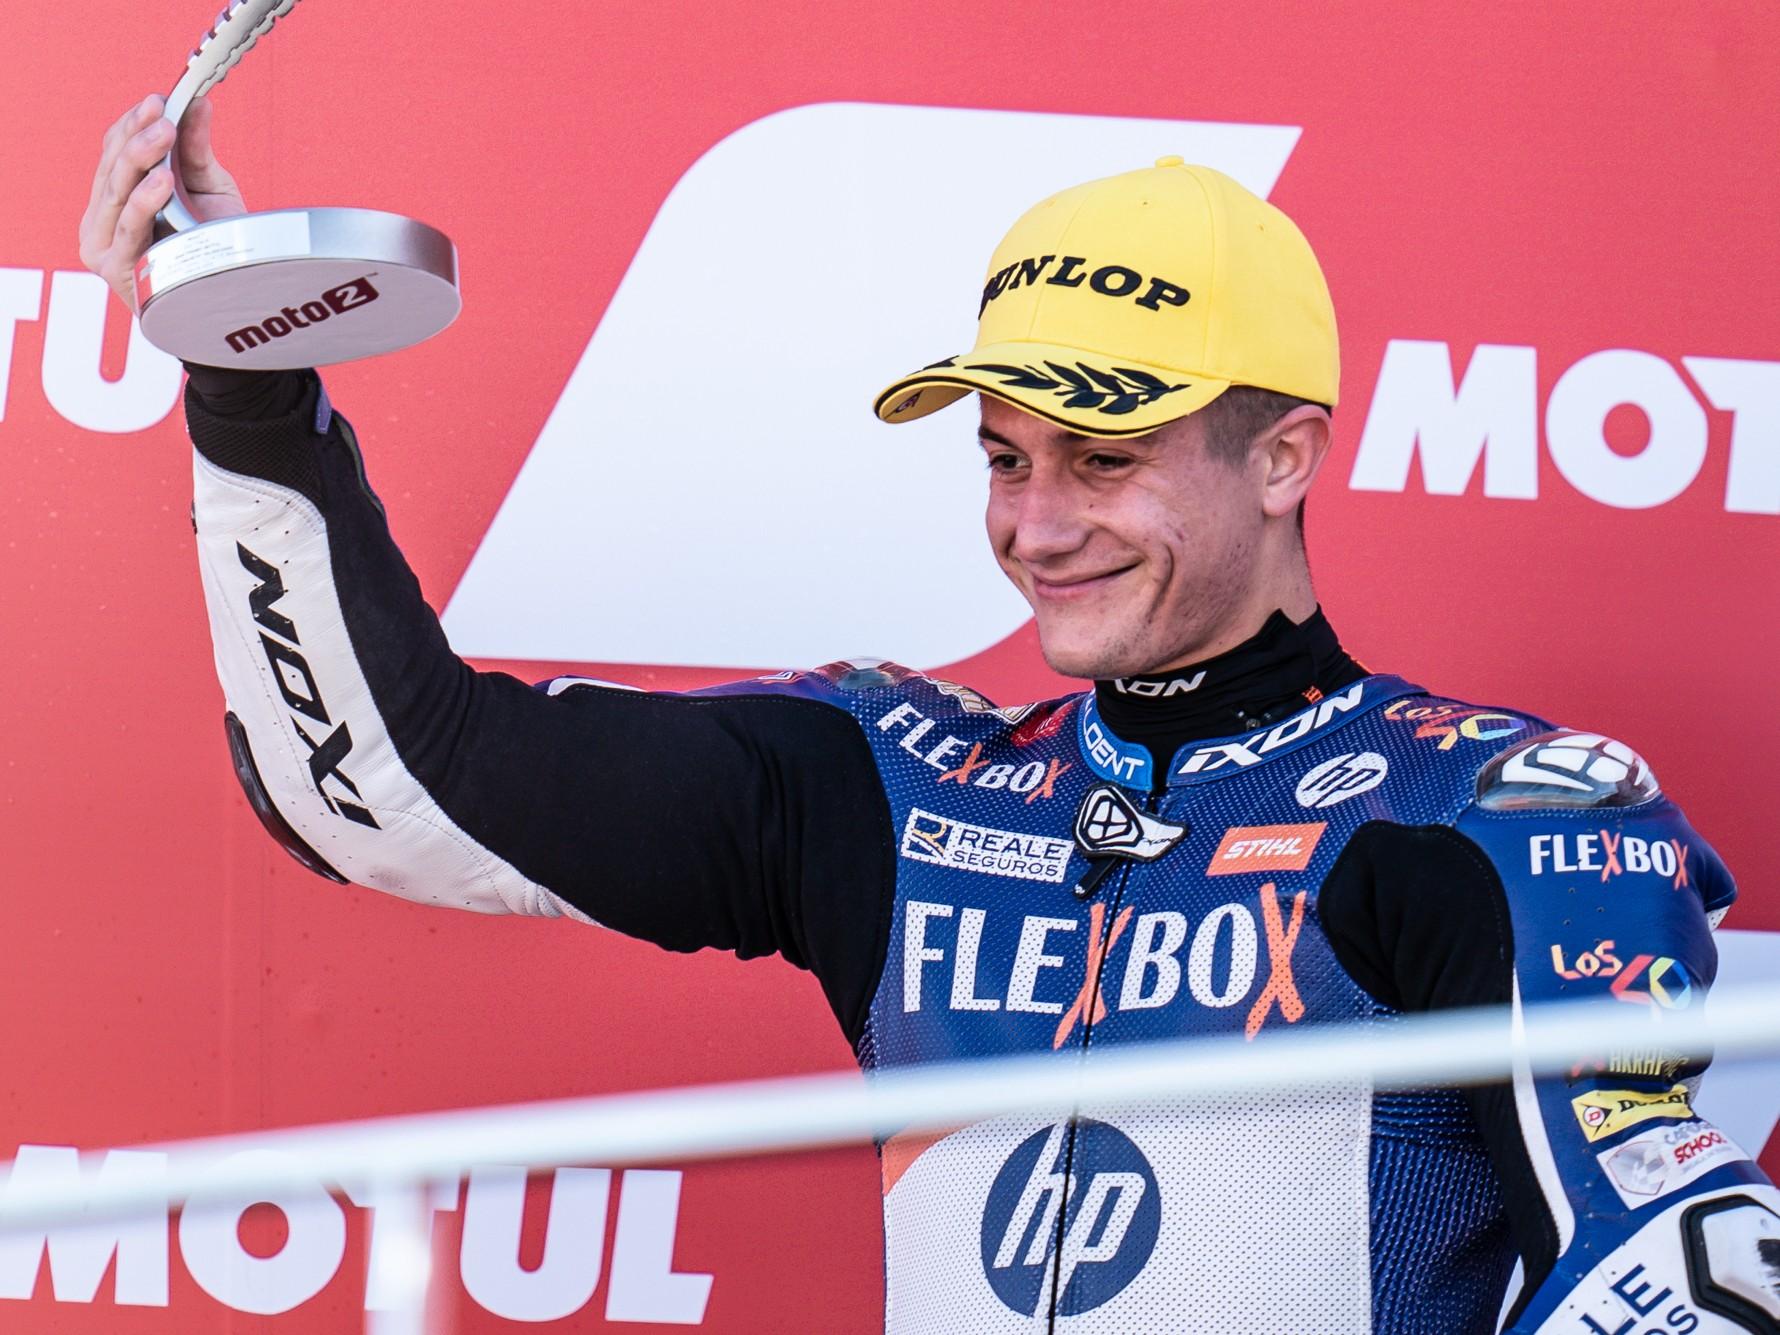 Lógica: Hector Garzó seguirá con el Pons Racing